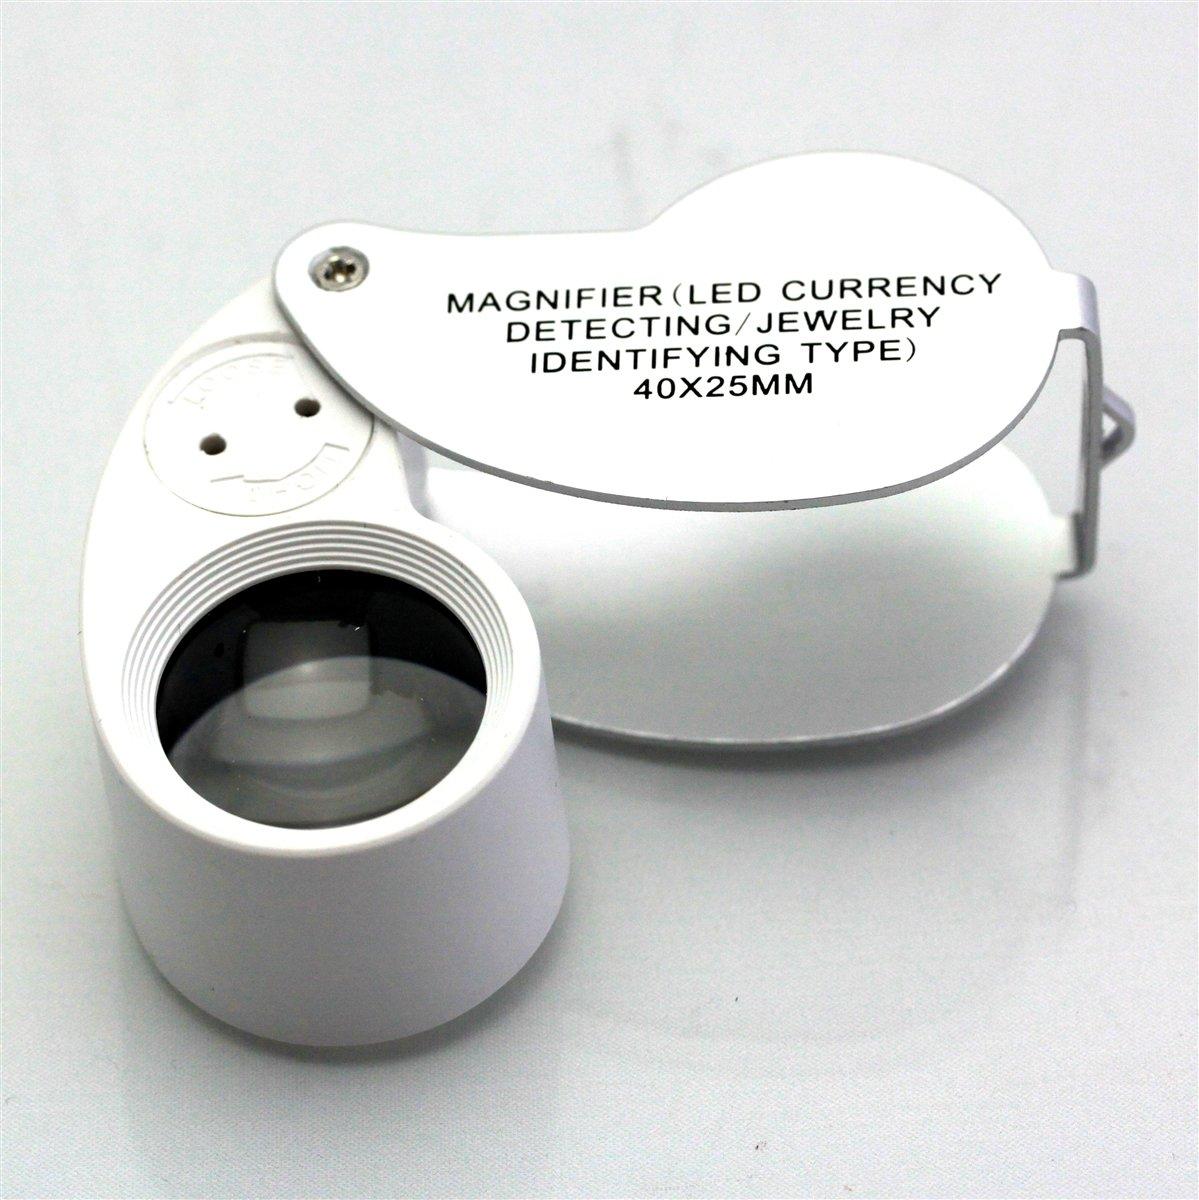 40 x 25mm Juwelier Lupe 40 Fach Schmuck Vergr/össerungs-Lupe mit LED Licht f/ür besseres sehen